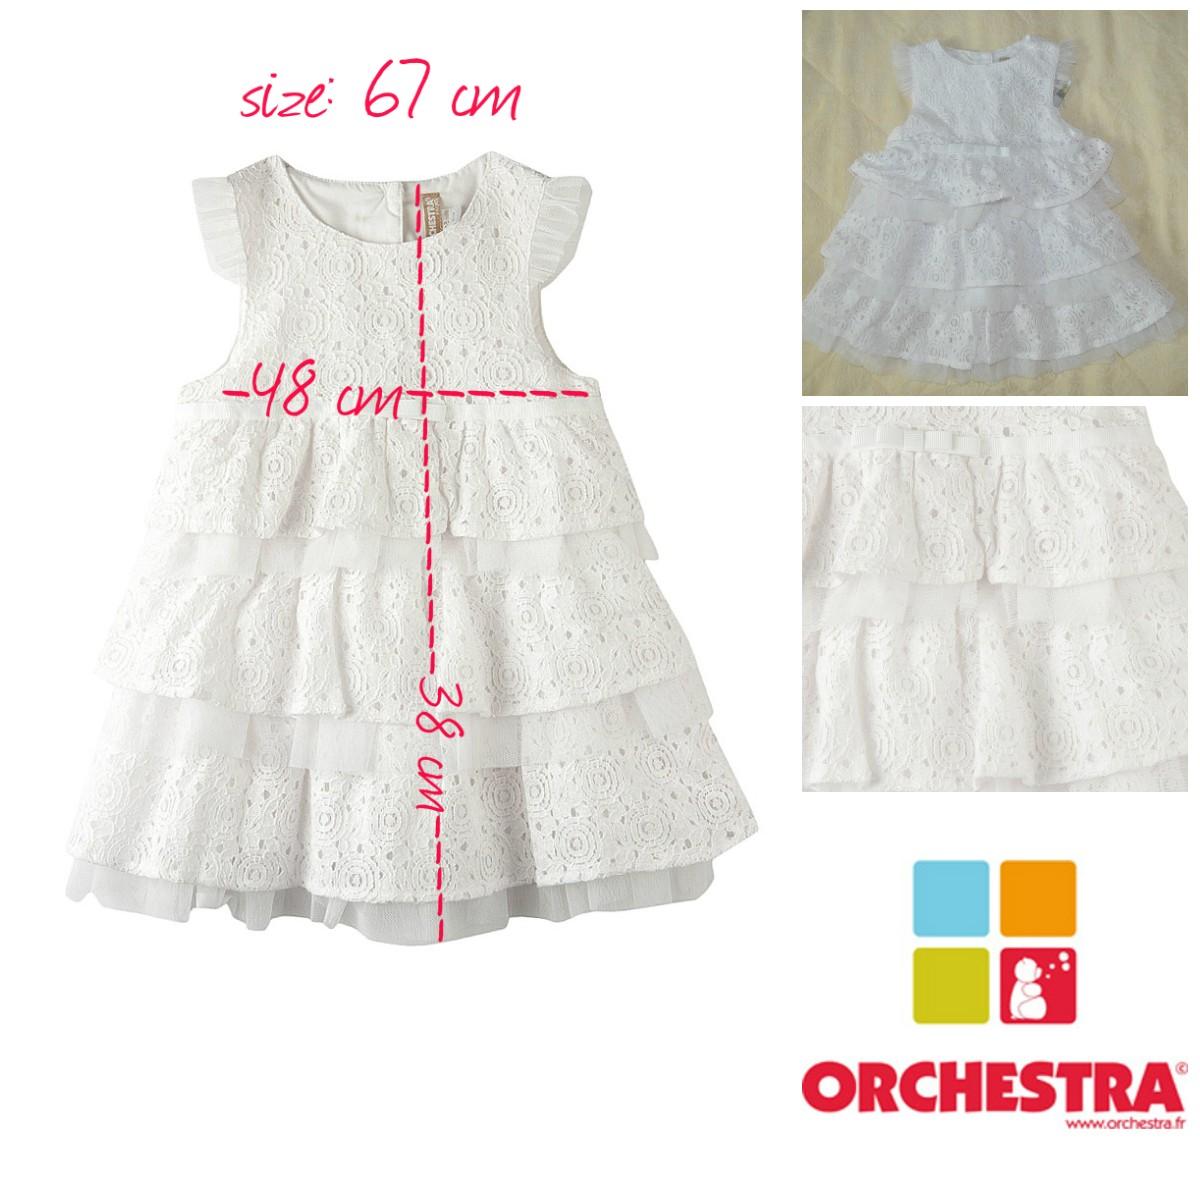 Нарядное платье для маленьких принцесс, марки Orhestra